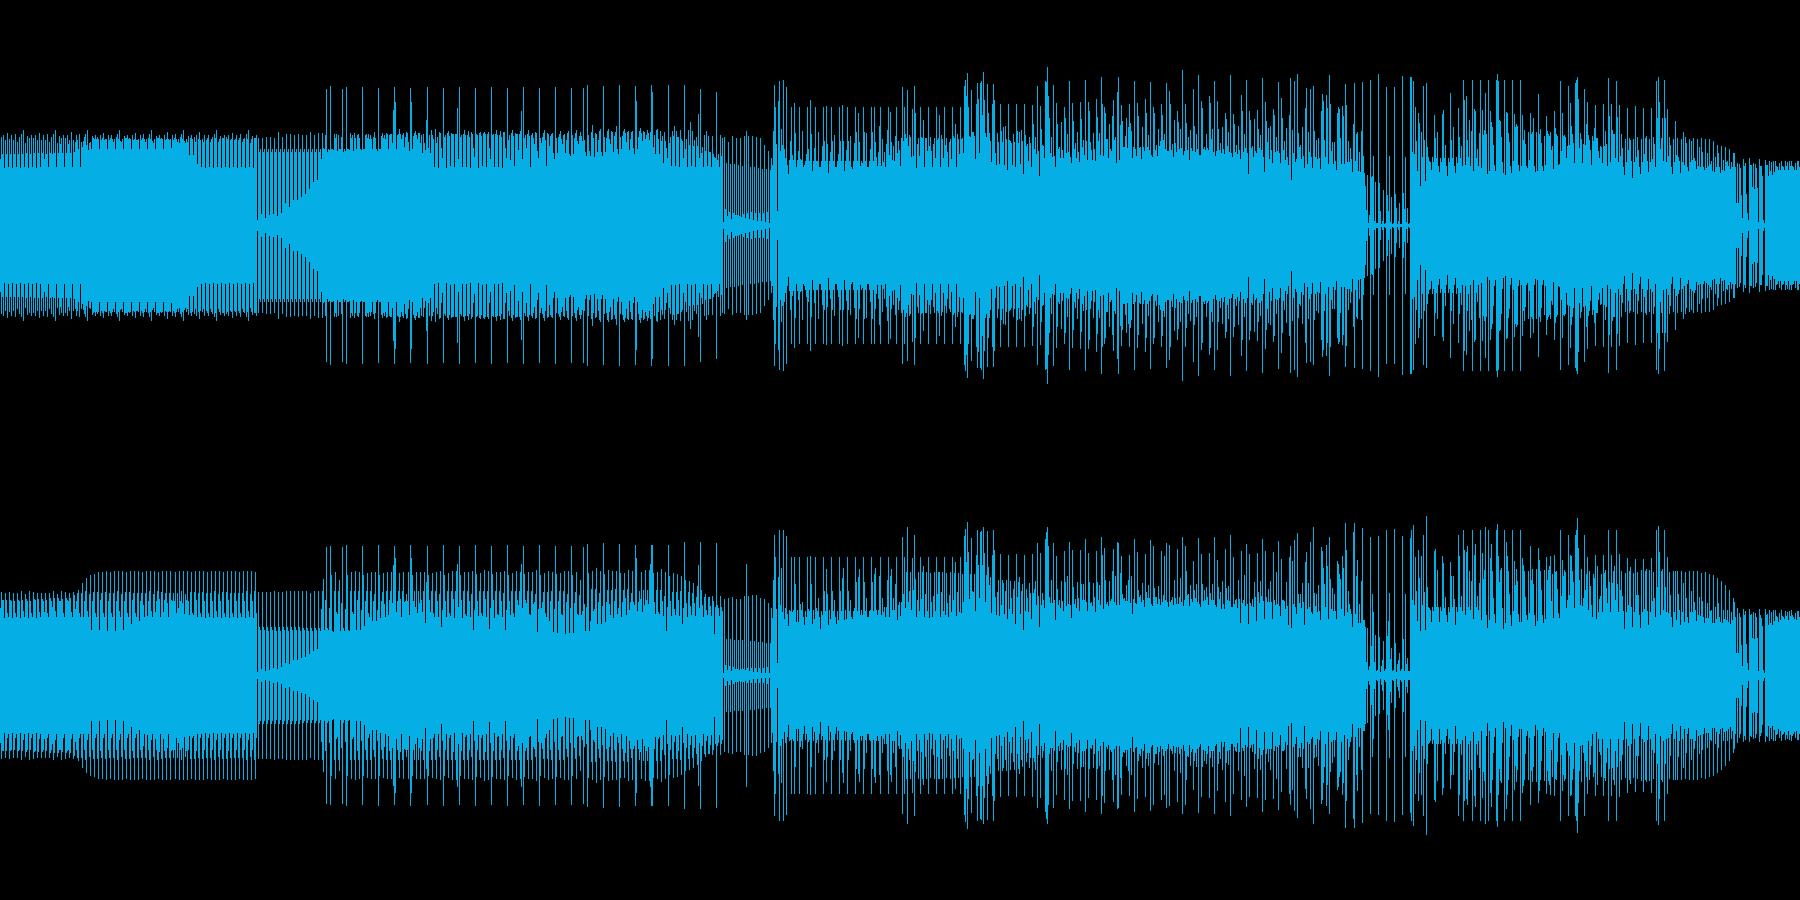 少しゆっくりしたベースがメインのテクノの再生済みの波形